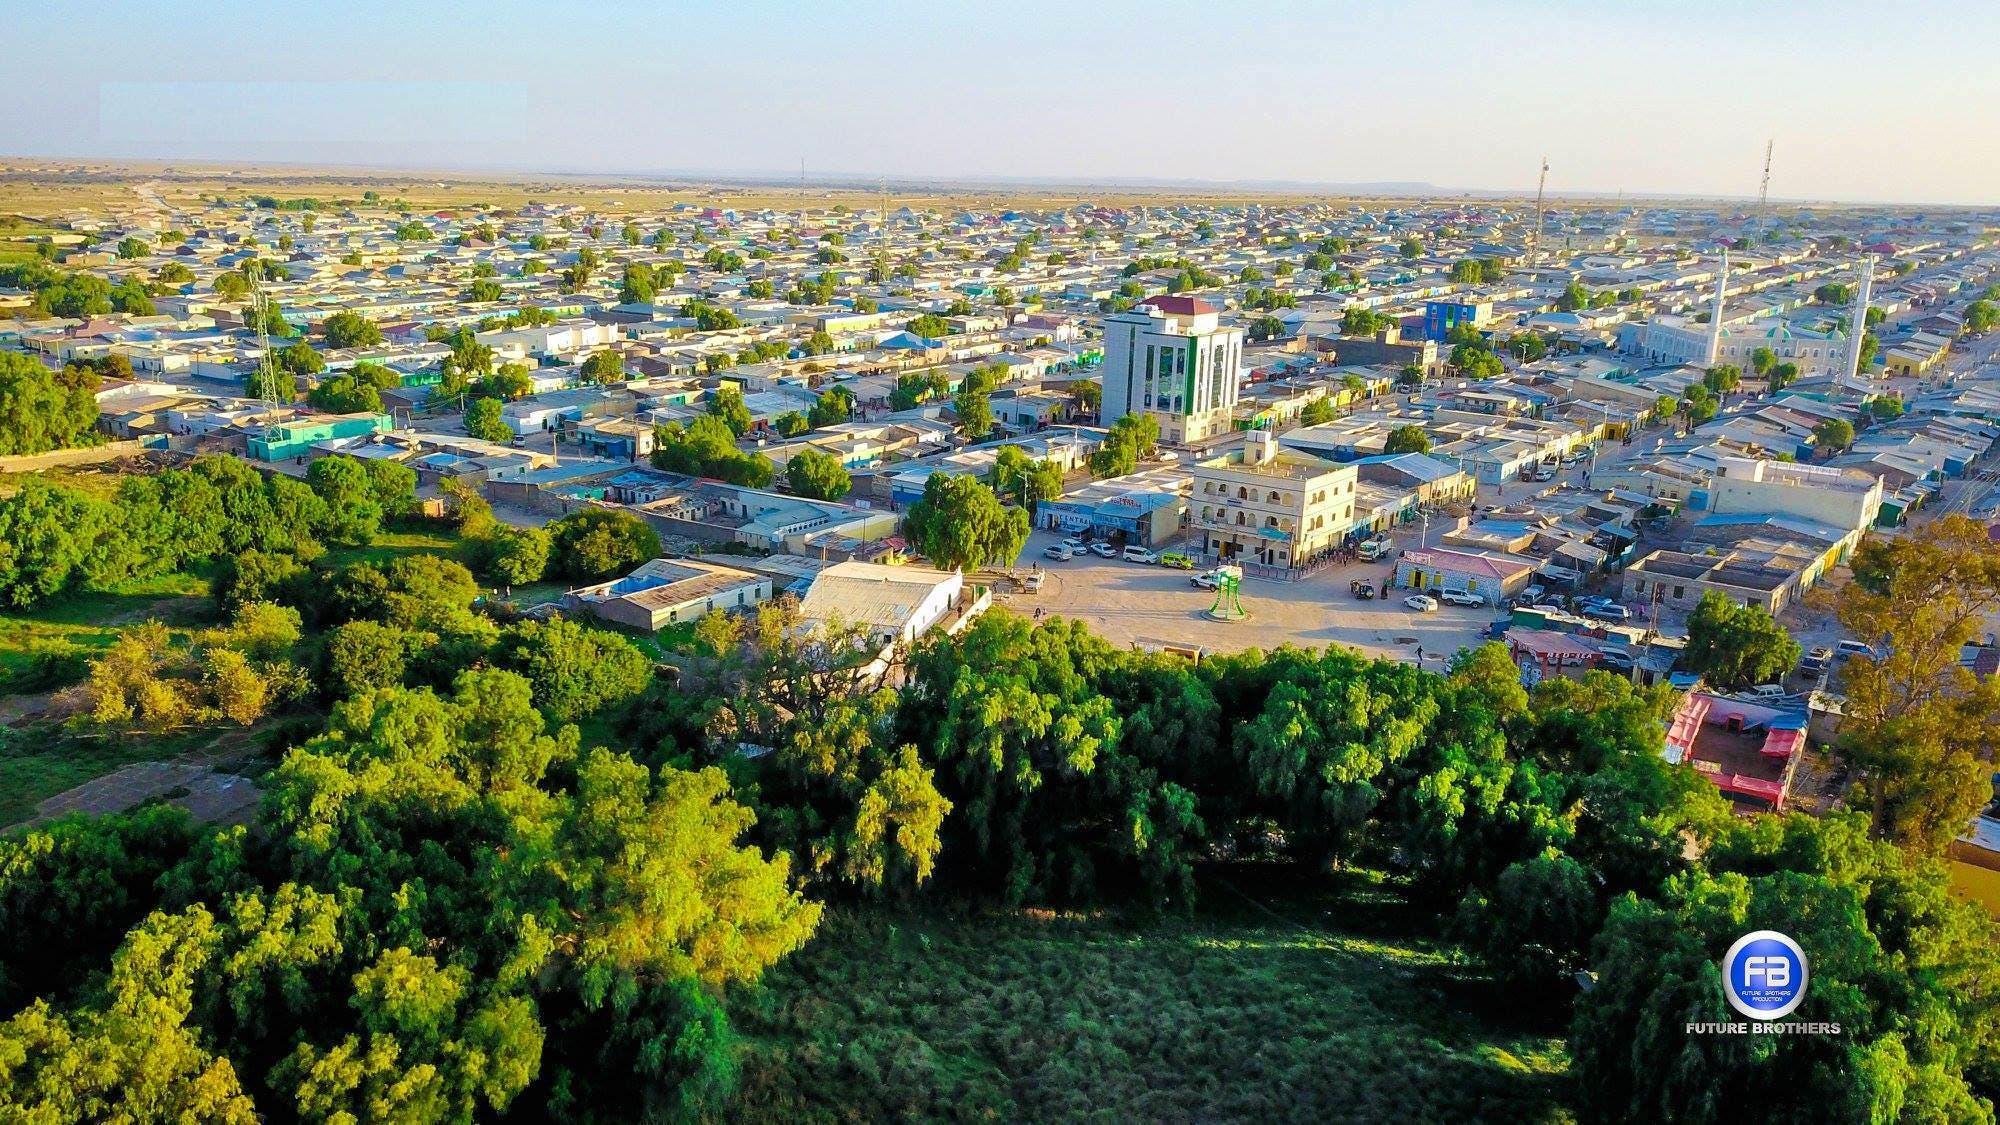 Somaliland oo shaacisay magaalada labaad ee ay ka billaabeyso masaafurinta